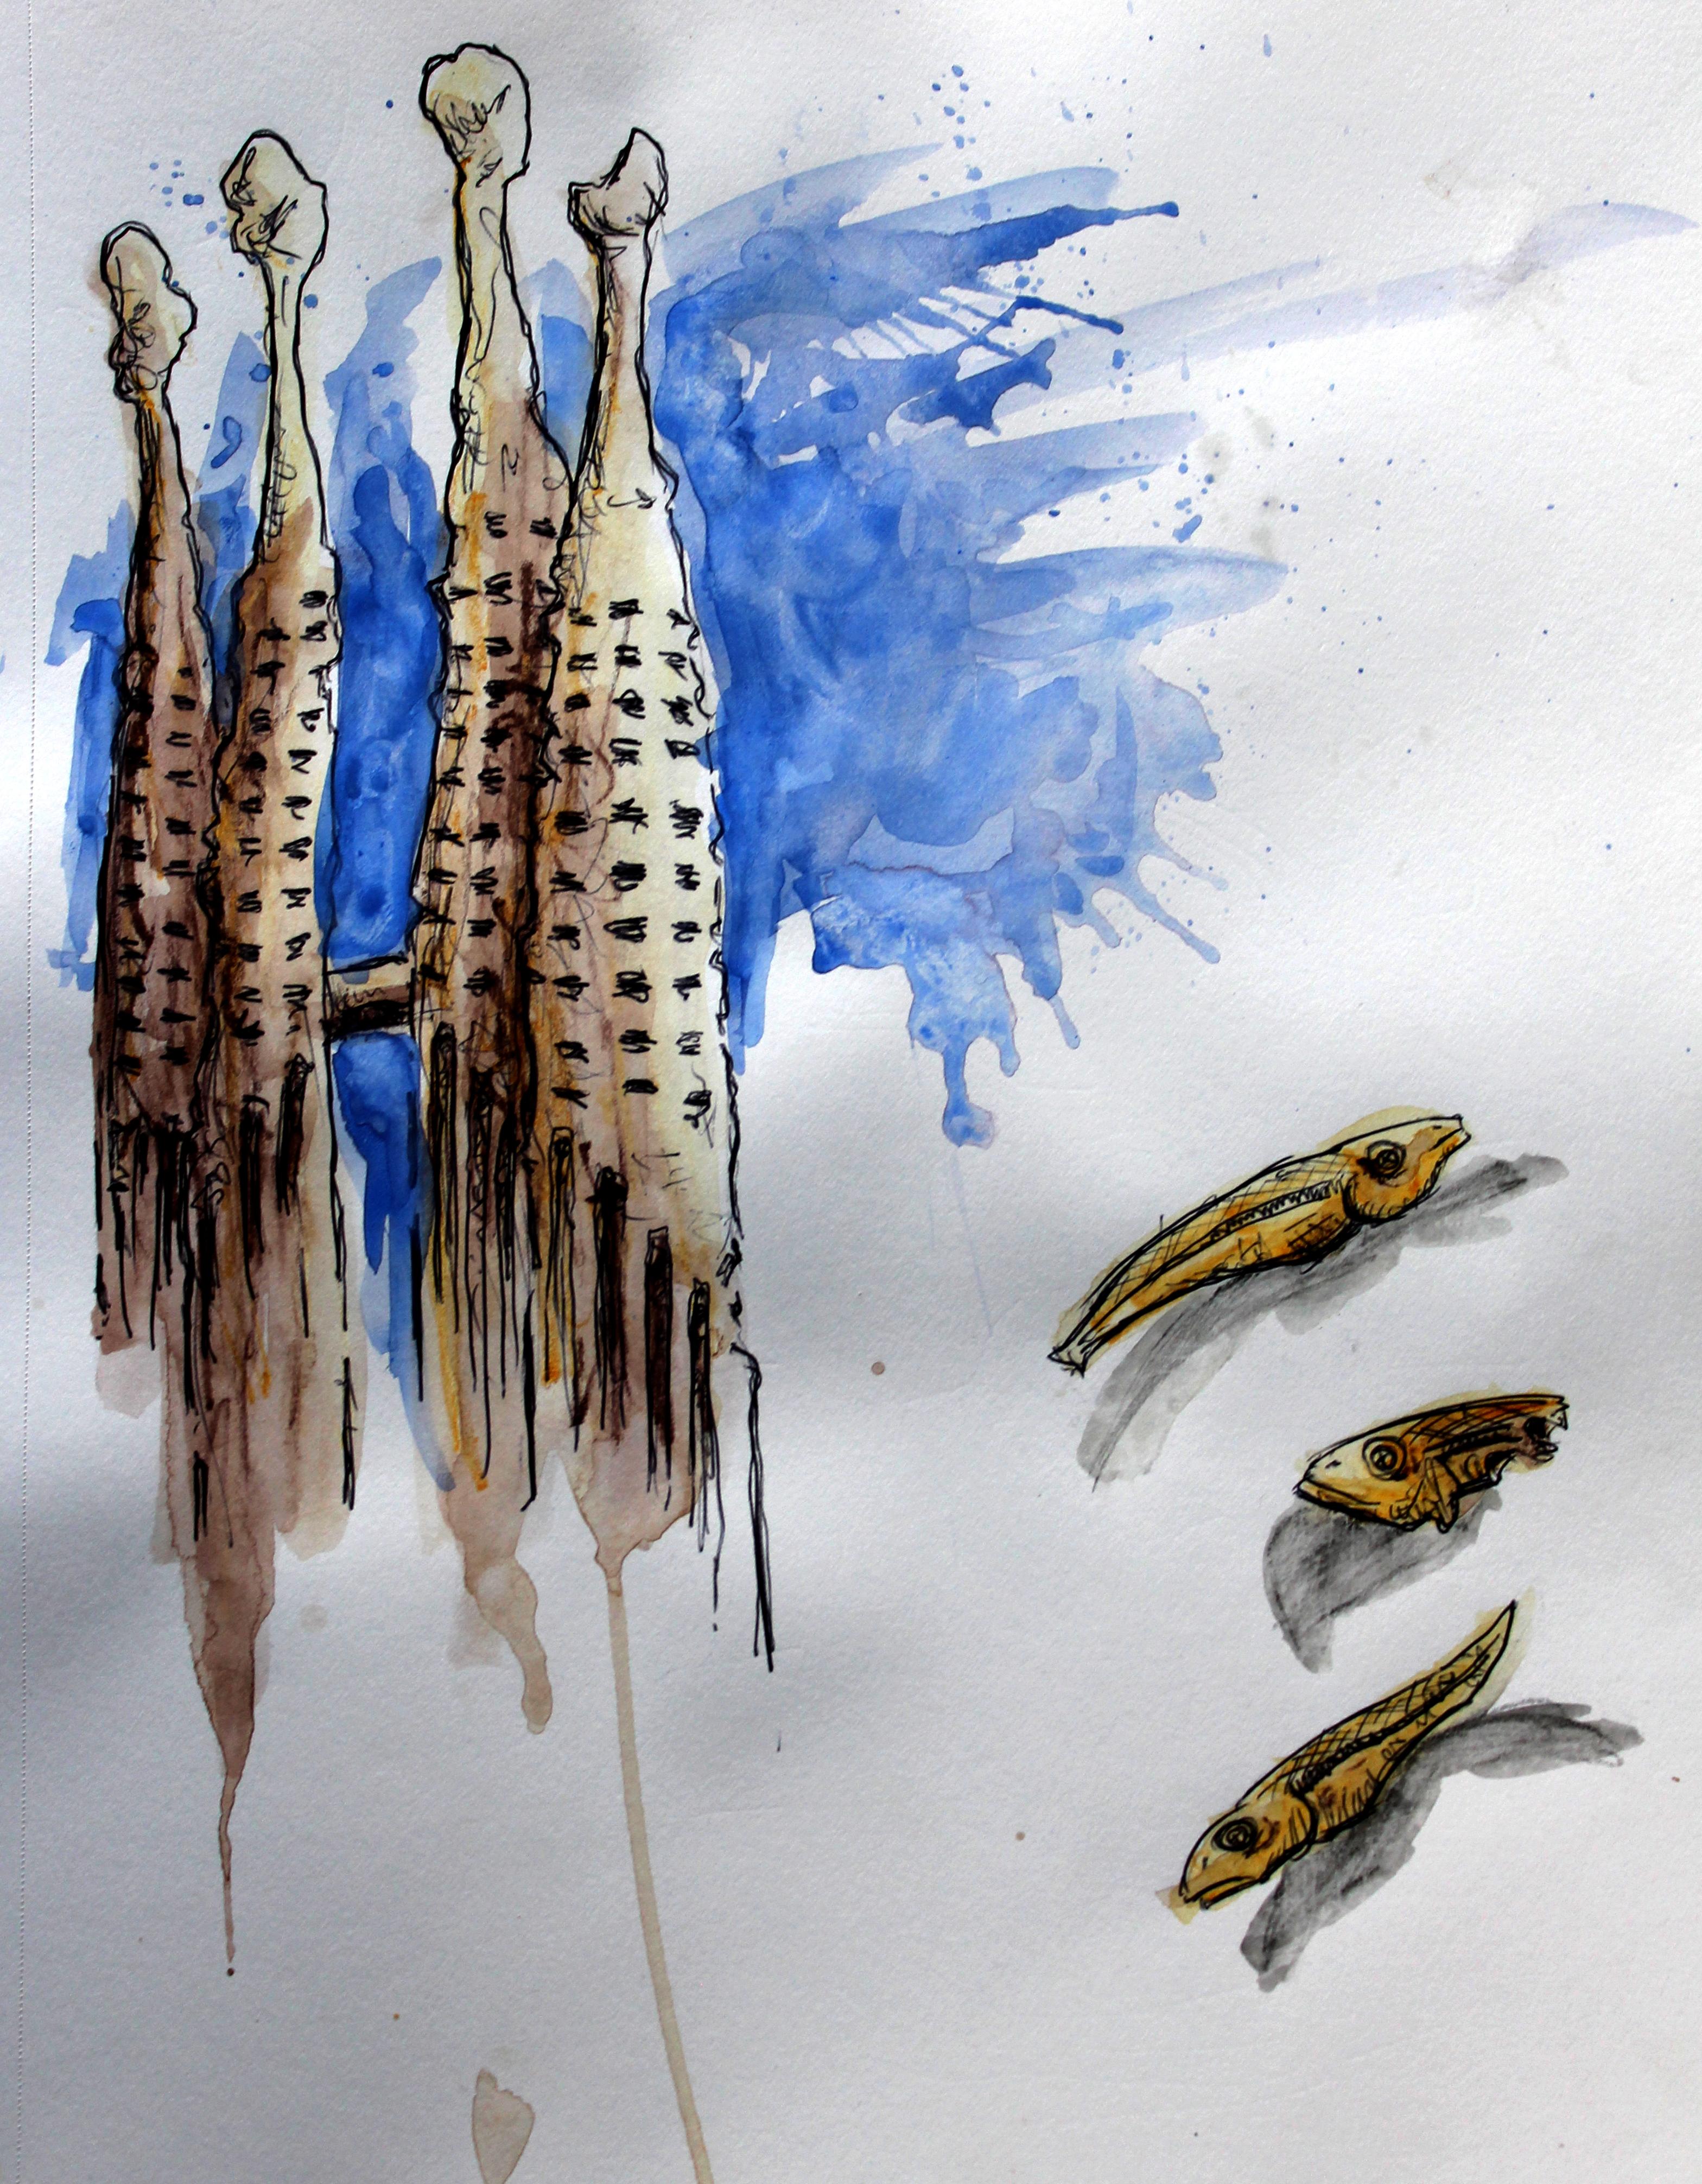 Sagrada Familia y Pescaditos Fritos